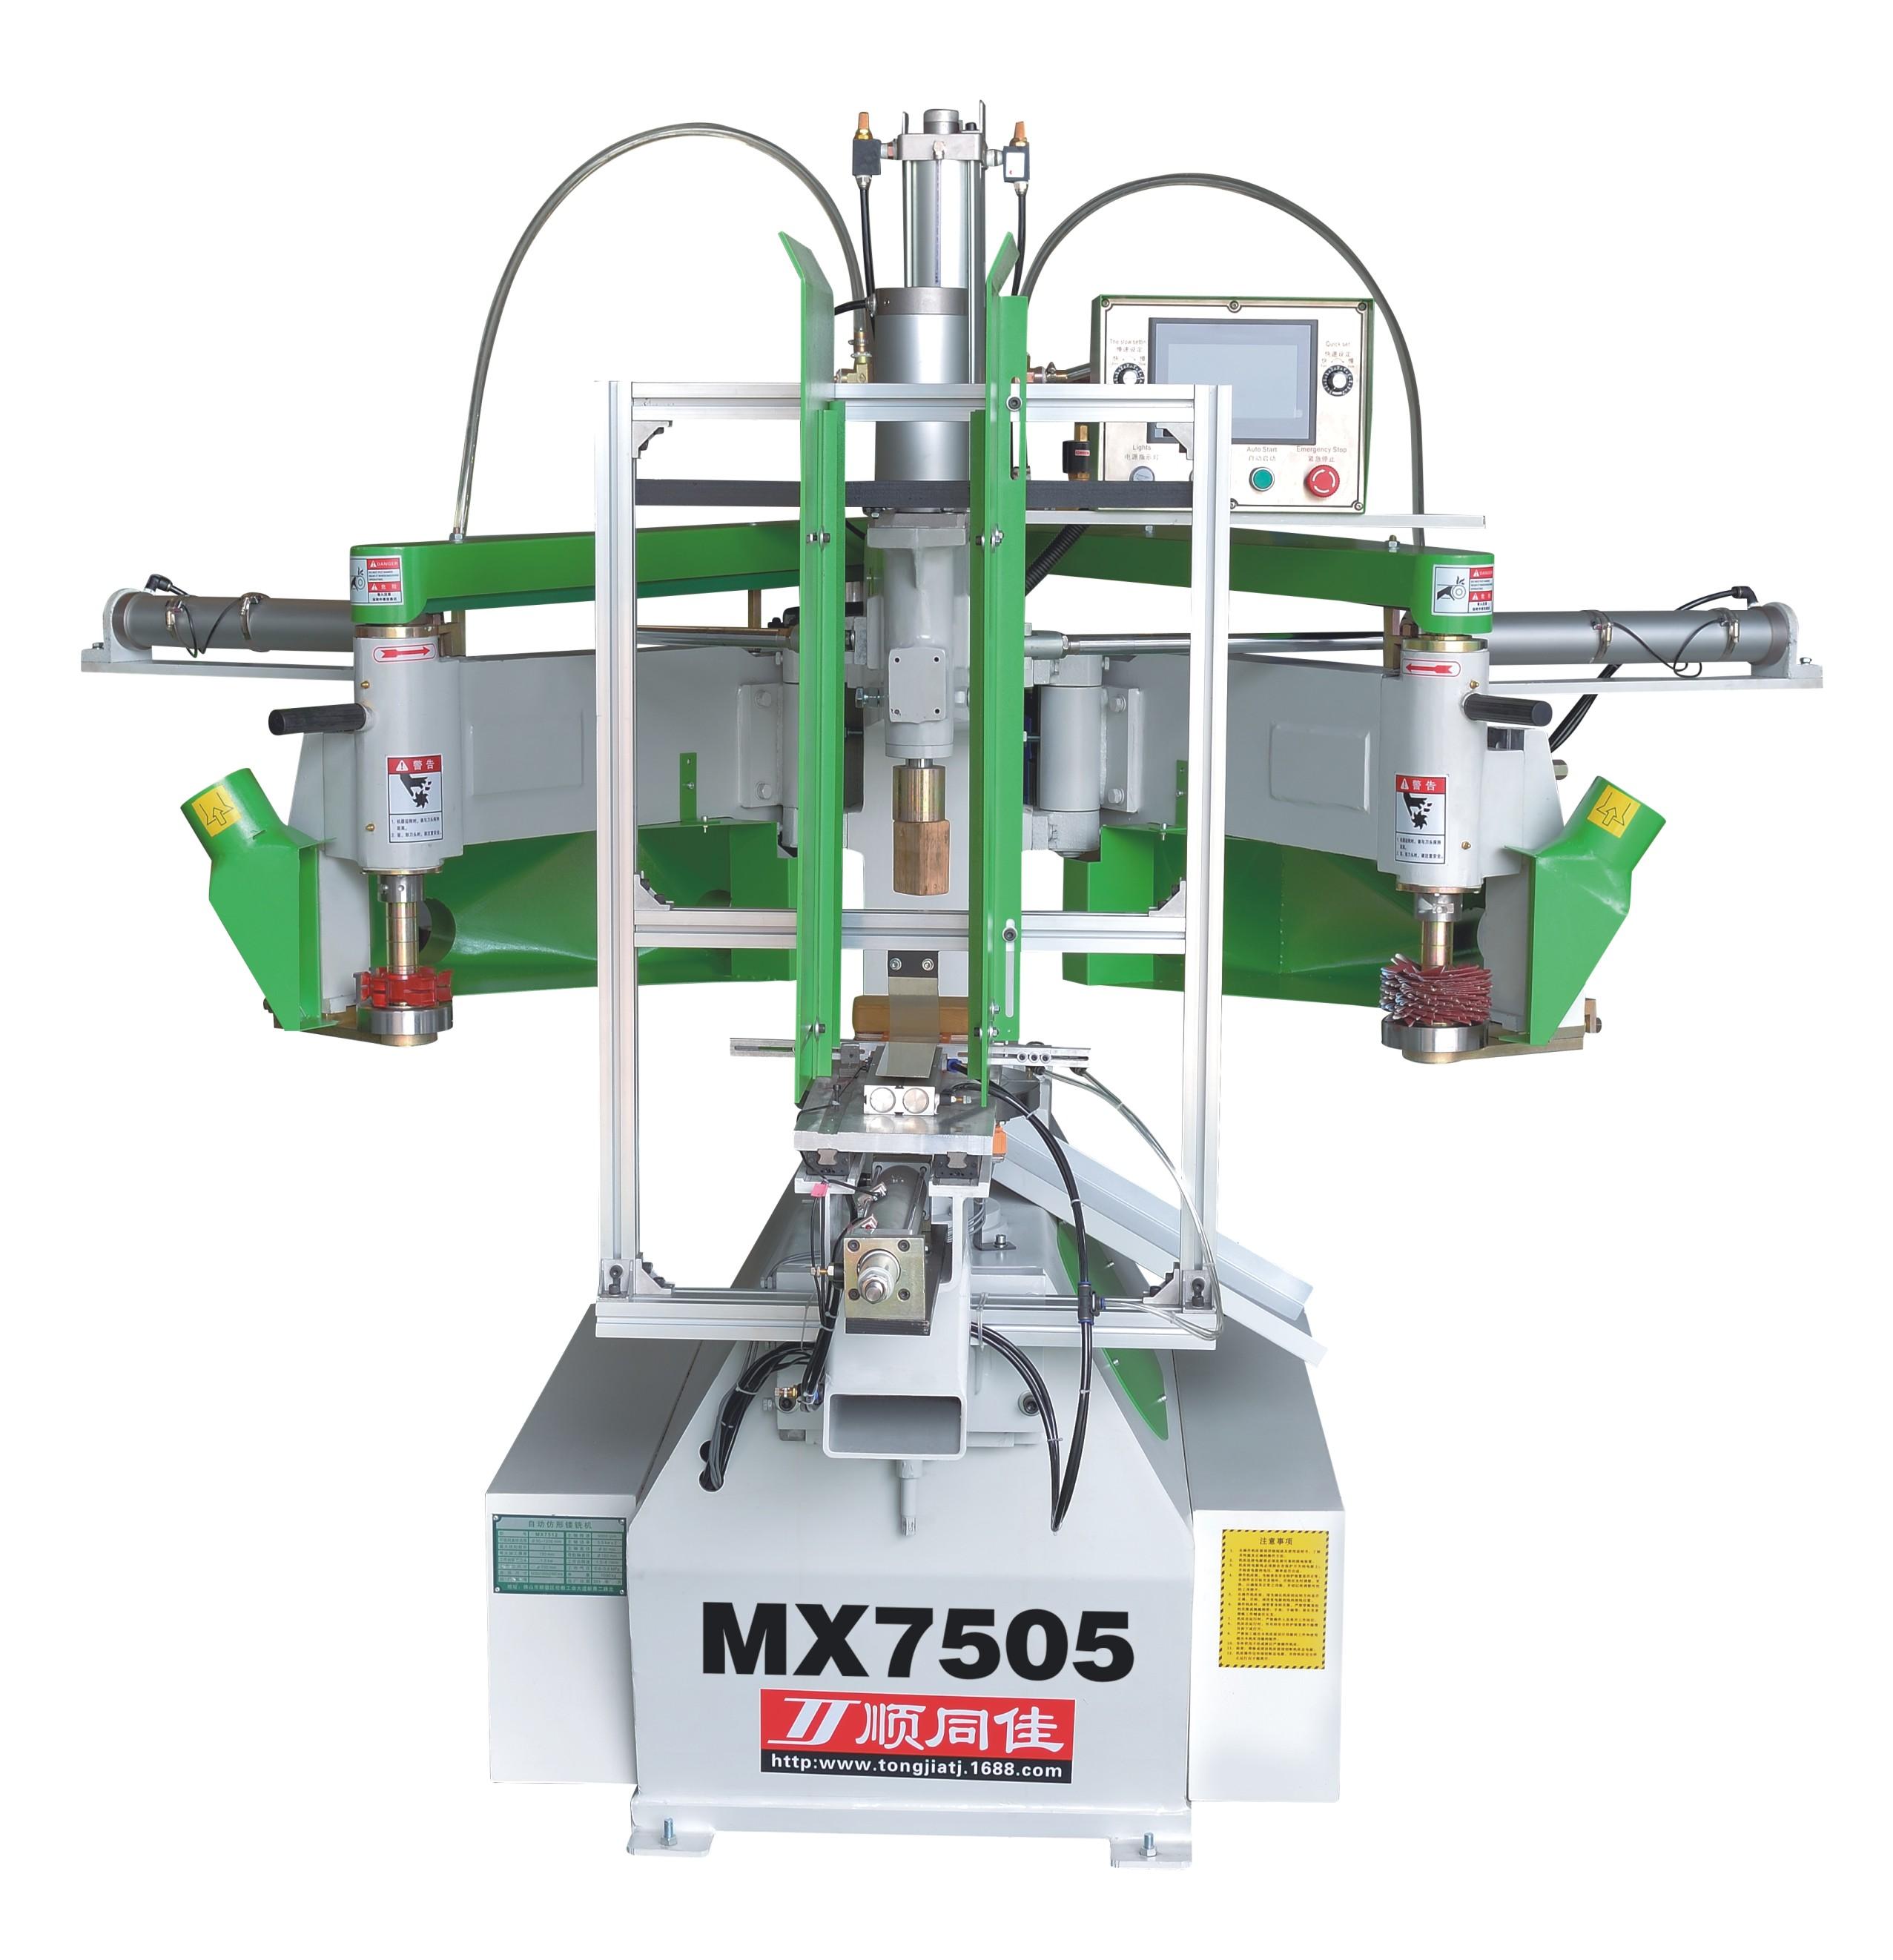 同佳专业木工仿形铣 双轴自动仿形镂铣机 全自动上下料仿形机